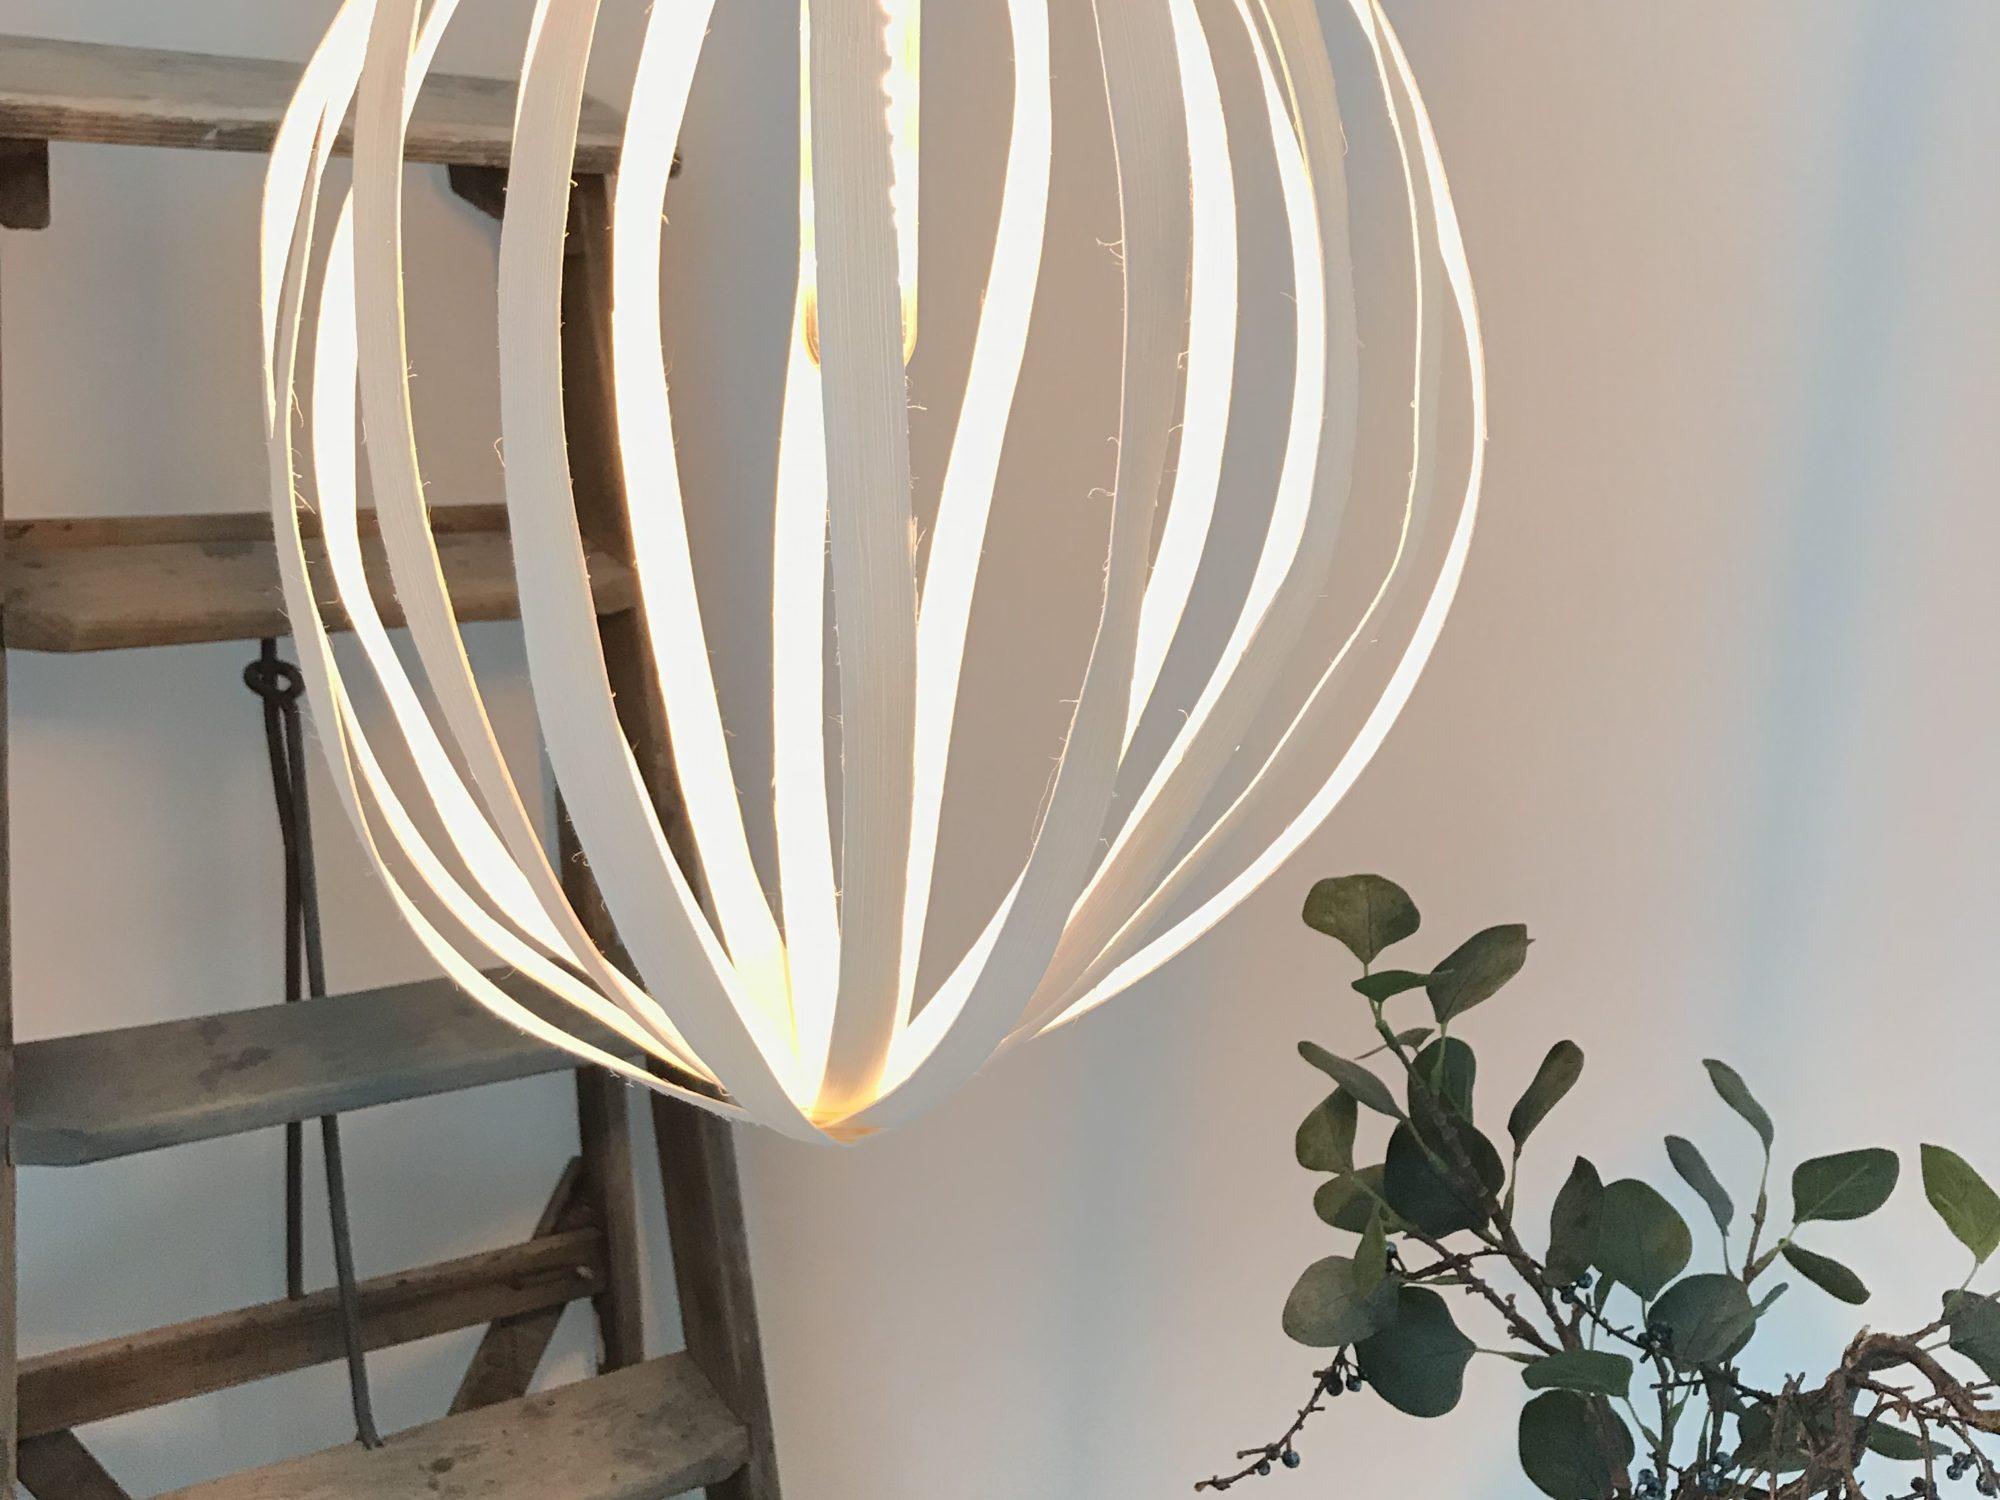 Rattanlampe Design by Chalet8, Designerlampe, #Chalet8, #Rattanlampe